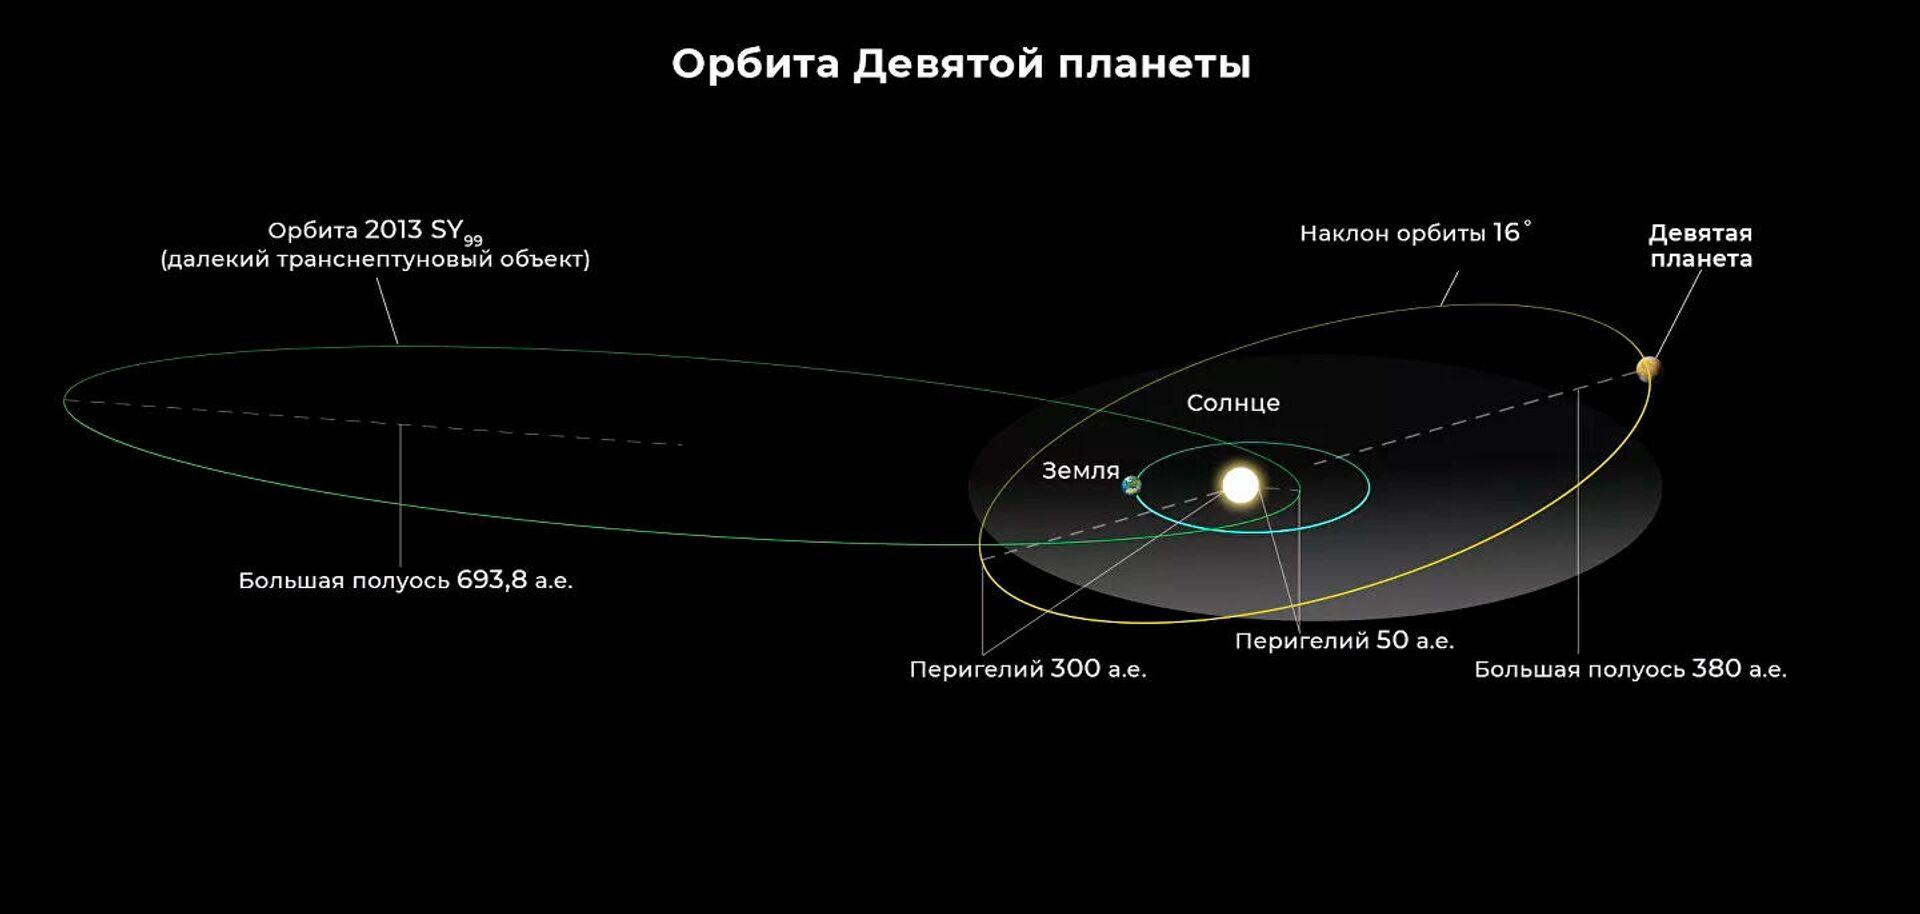 Орбиты Девятой планеты, Земли (не в масштабе) и одного из 11 аномальных транснептуновых объектов, включенных в анализ М. Брауна и К. Батыгина - Sputnik Latvija, 1920, 19.09.2021